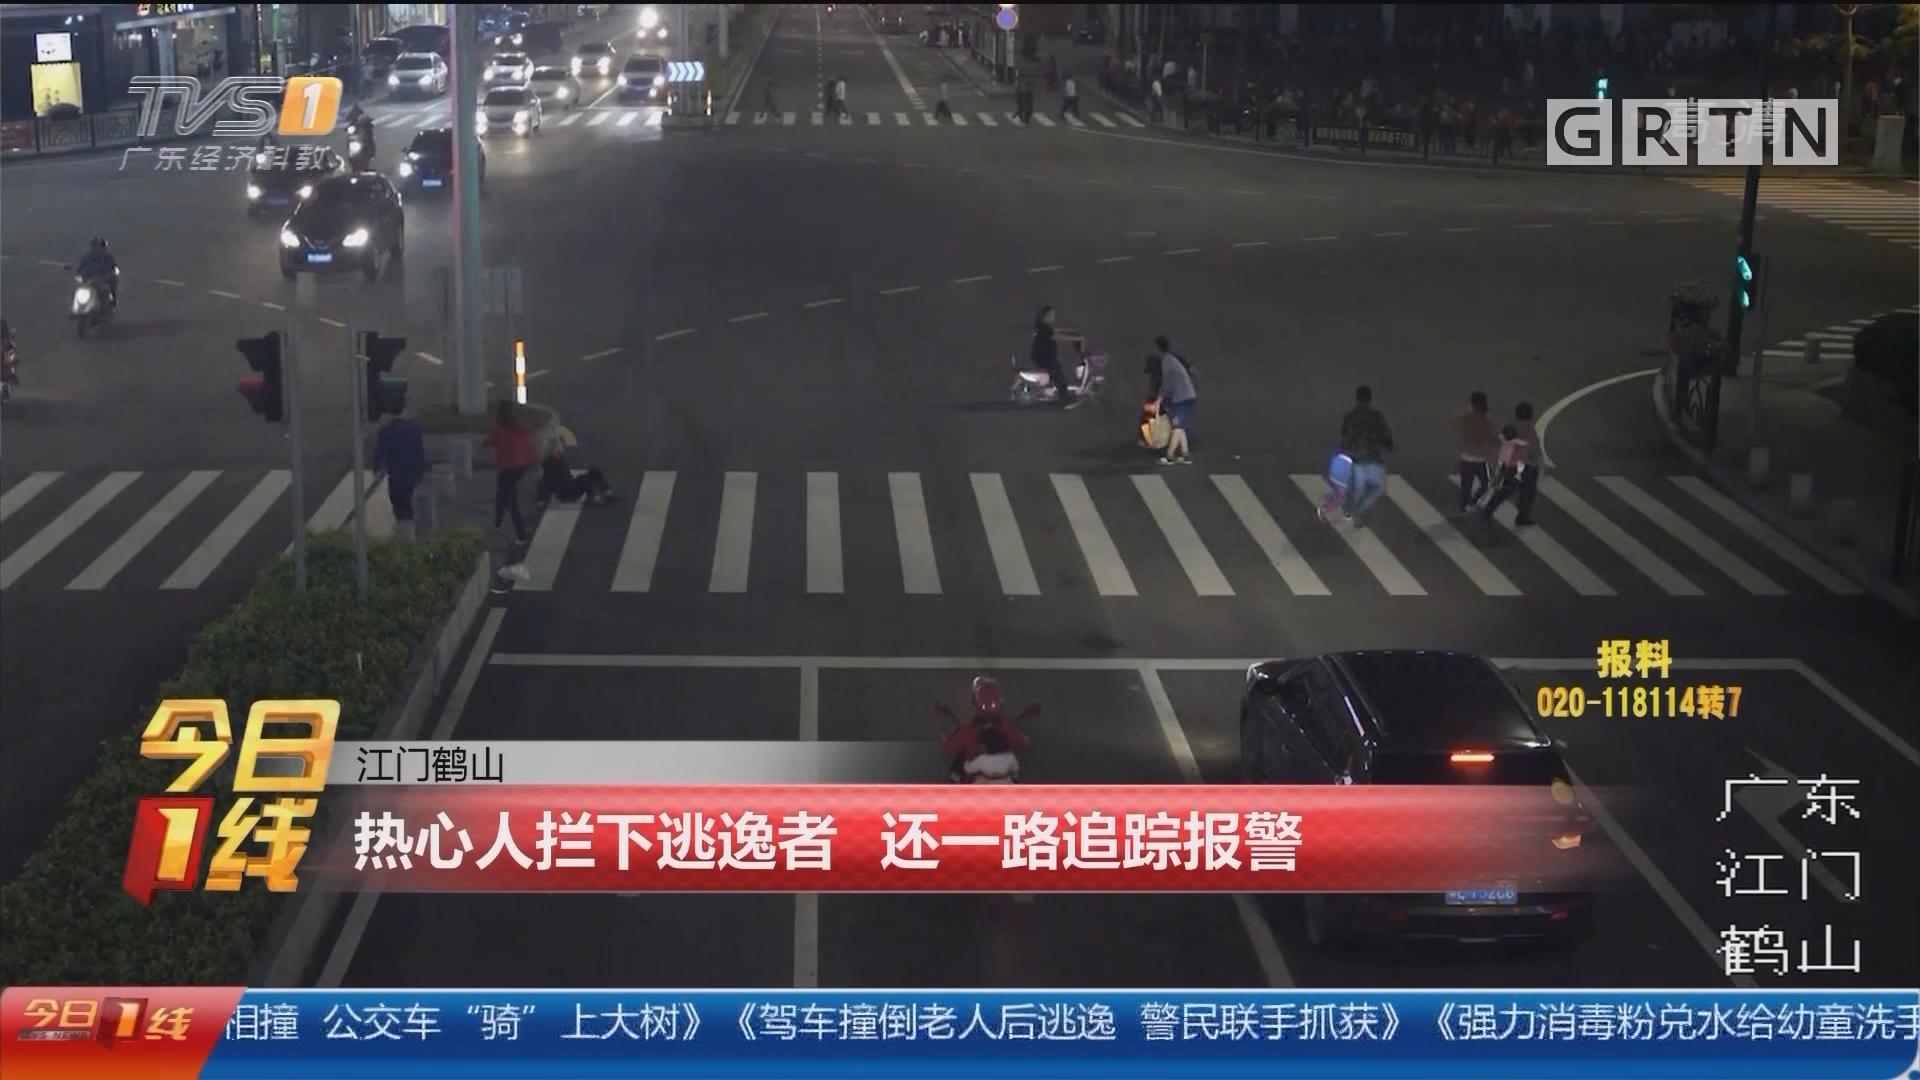 江门鹤山:热心人拦下逃逸者 还一路追踪报警